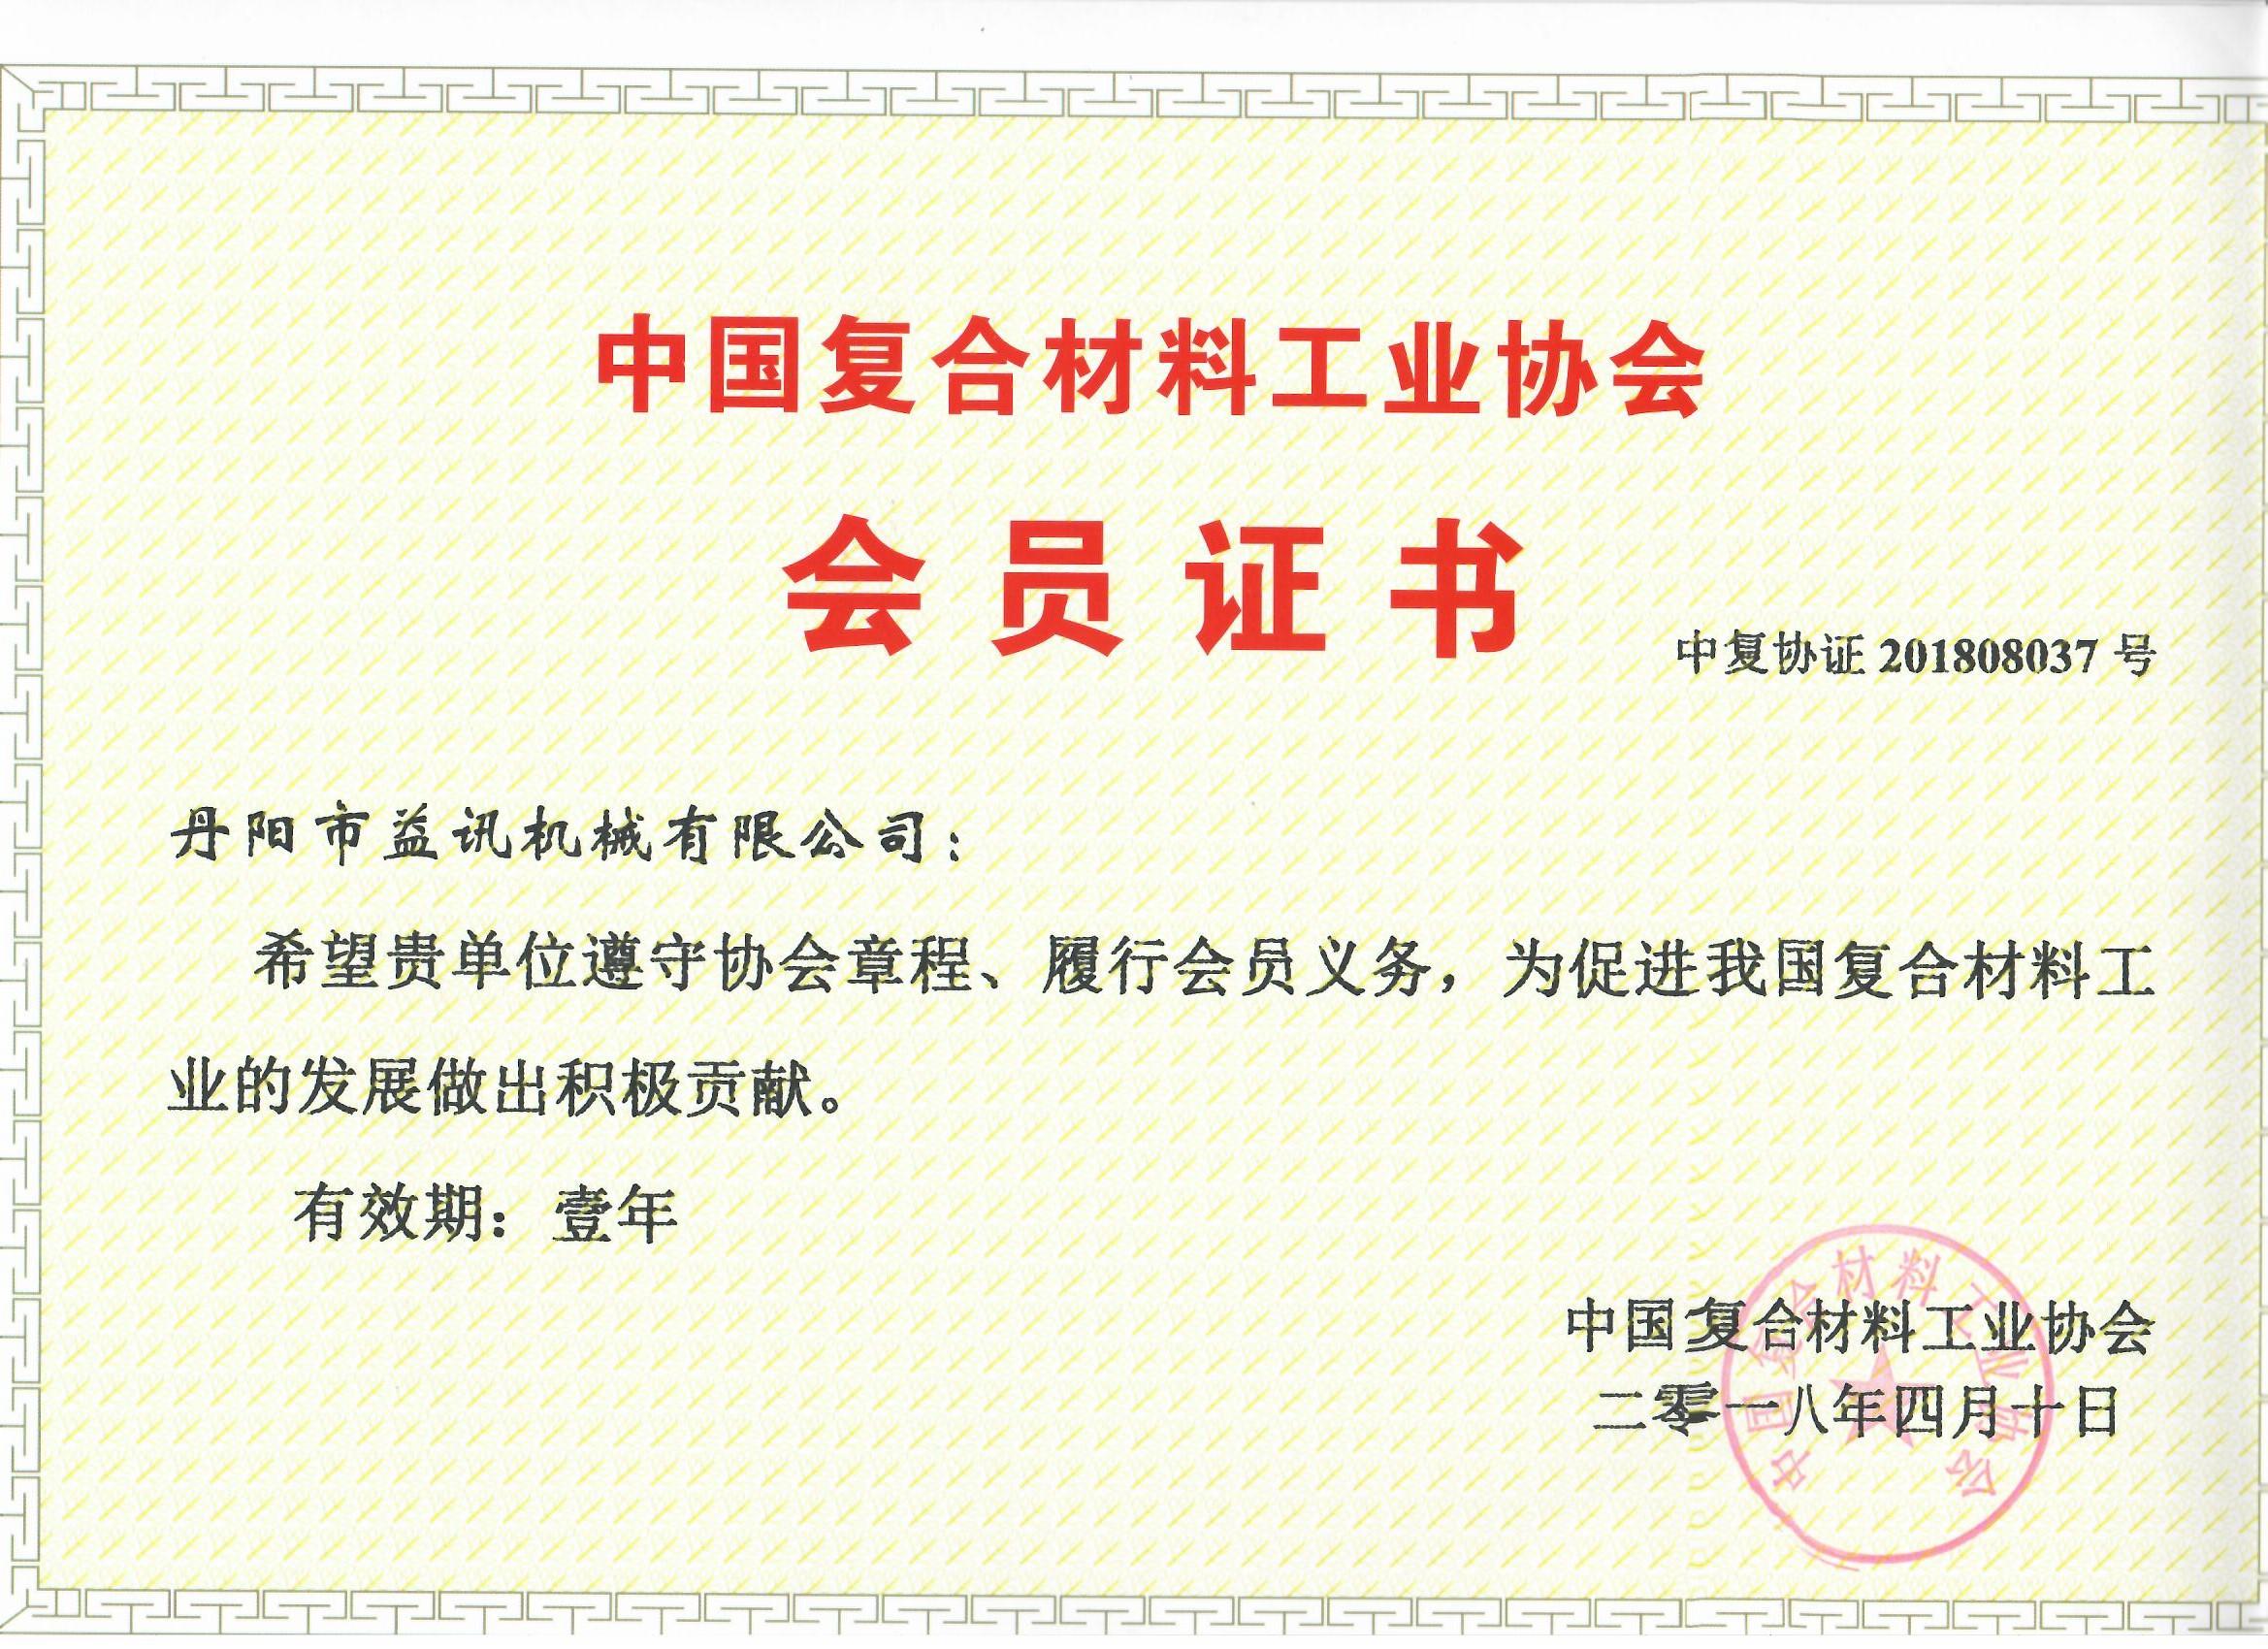 复合材料工业协会会员.jpg